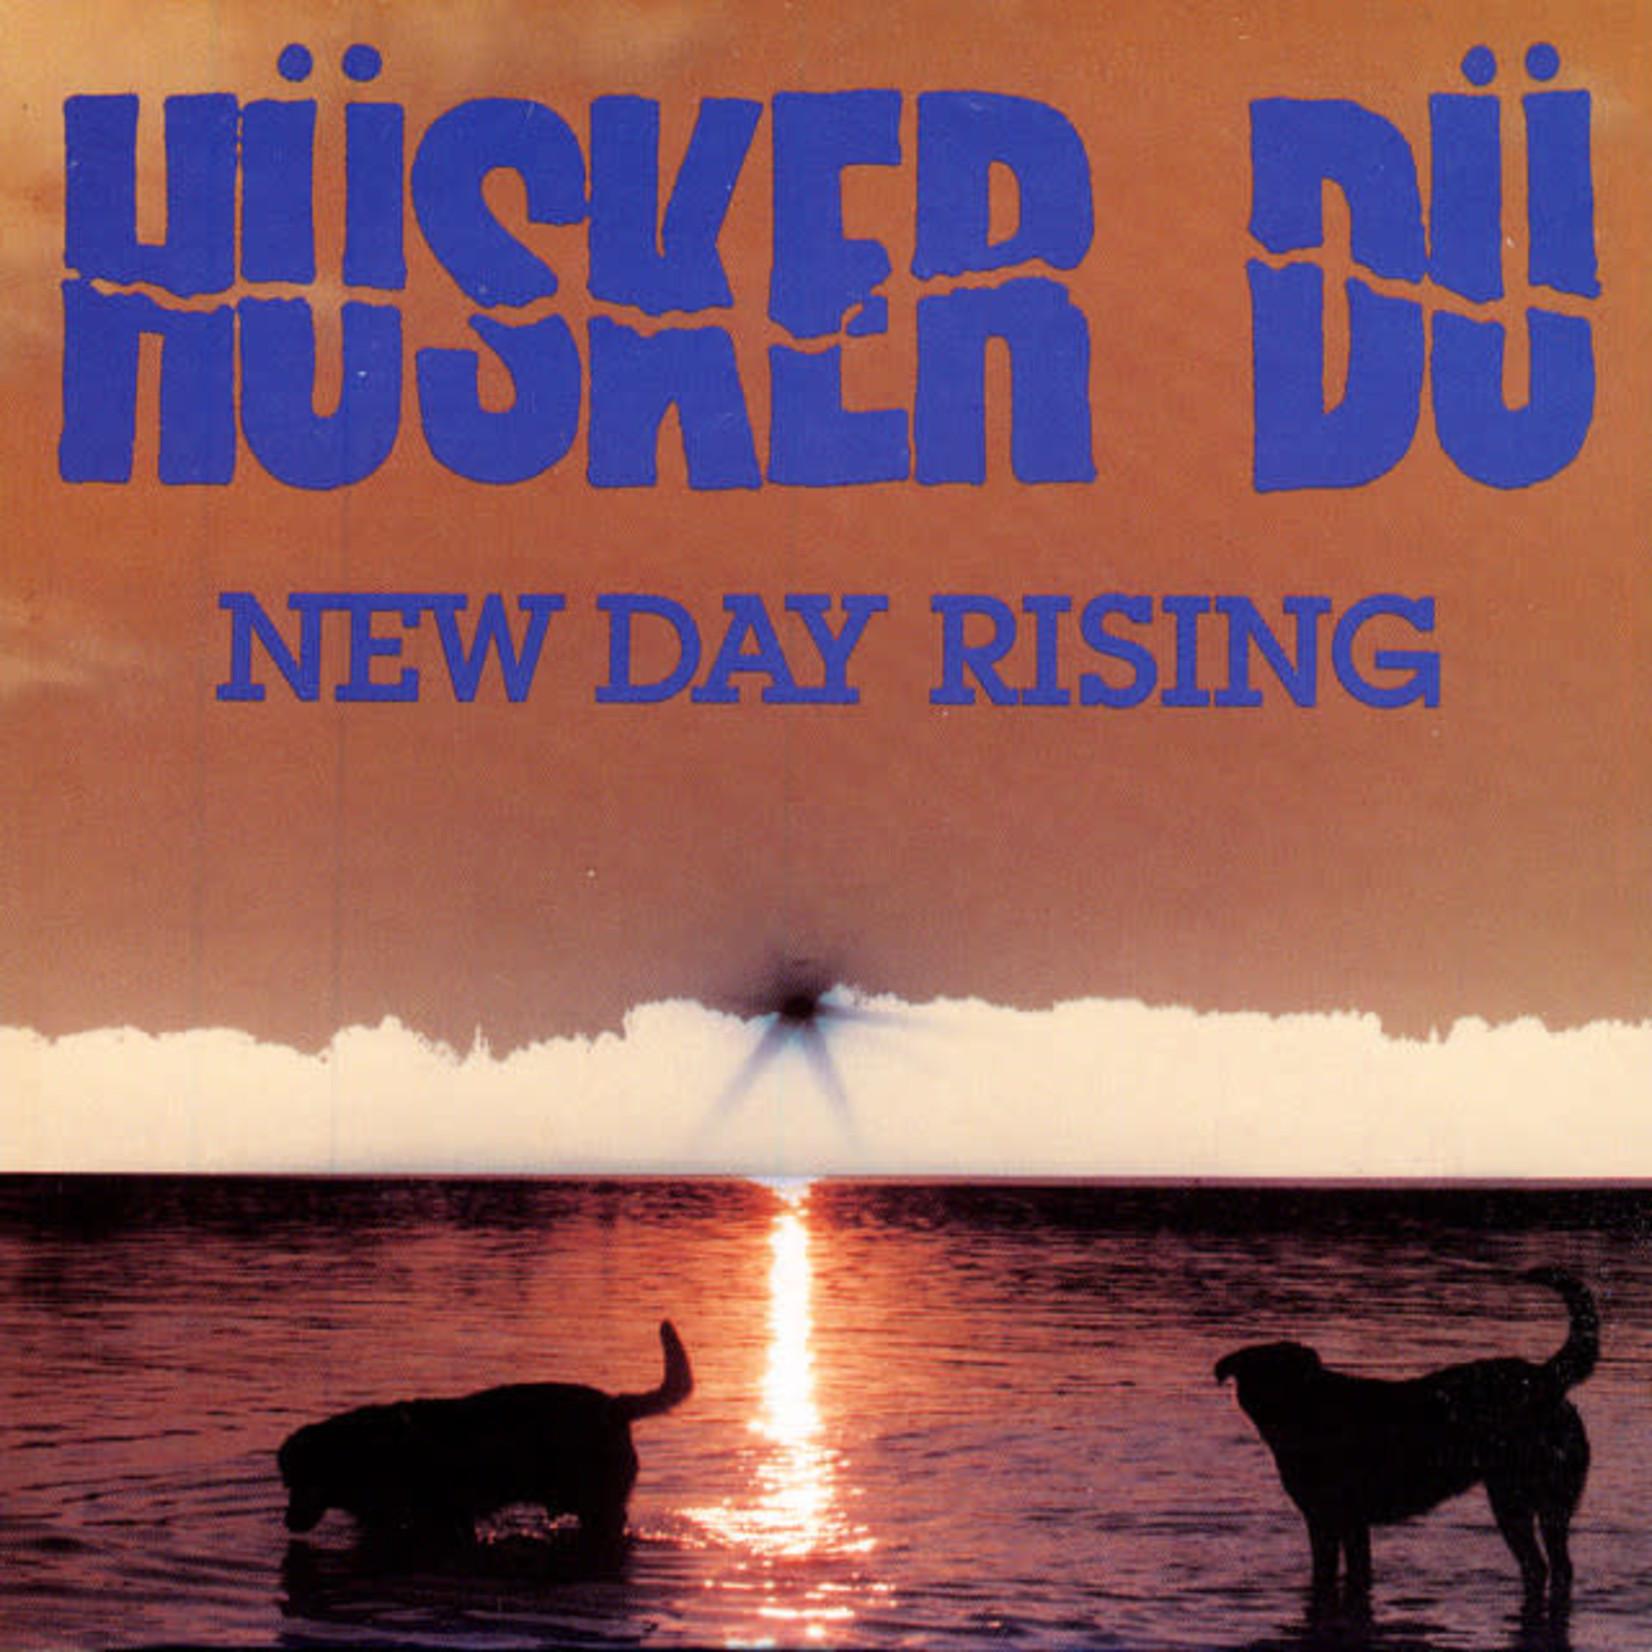 Vinyl Husker Du - New Day Rising